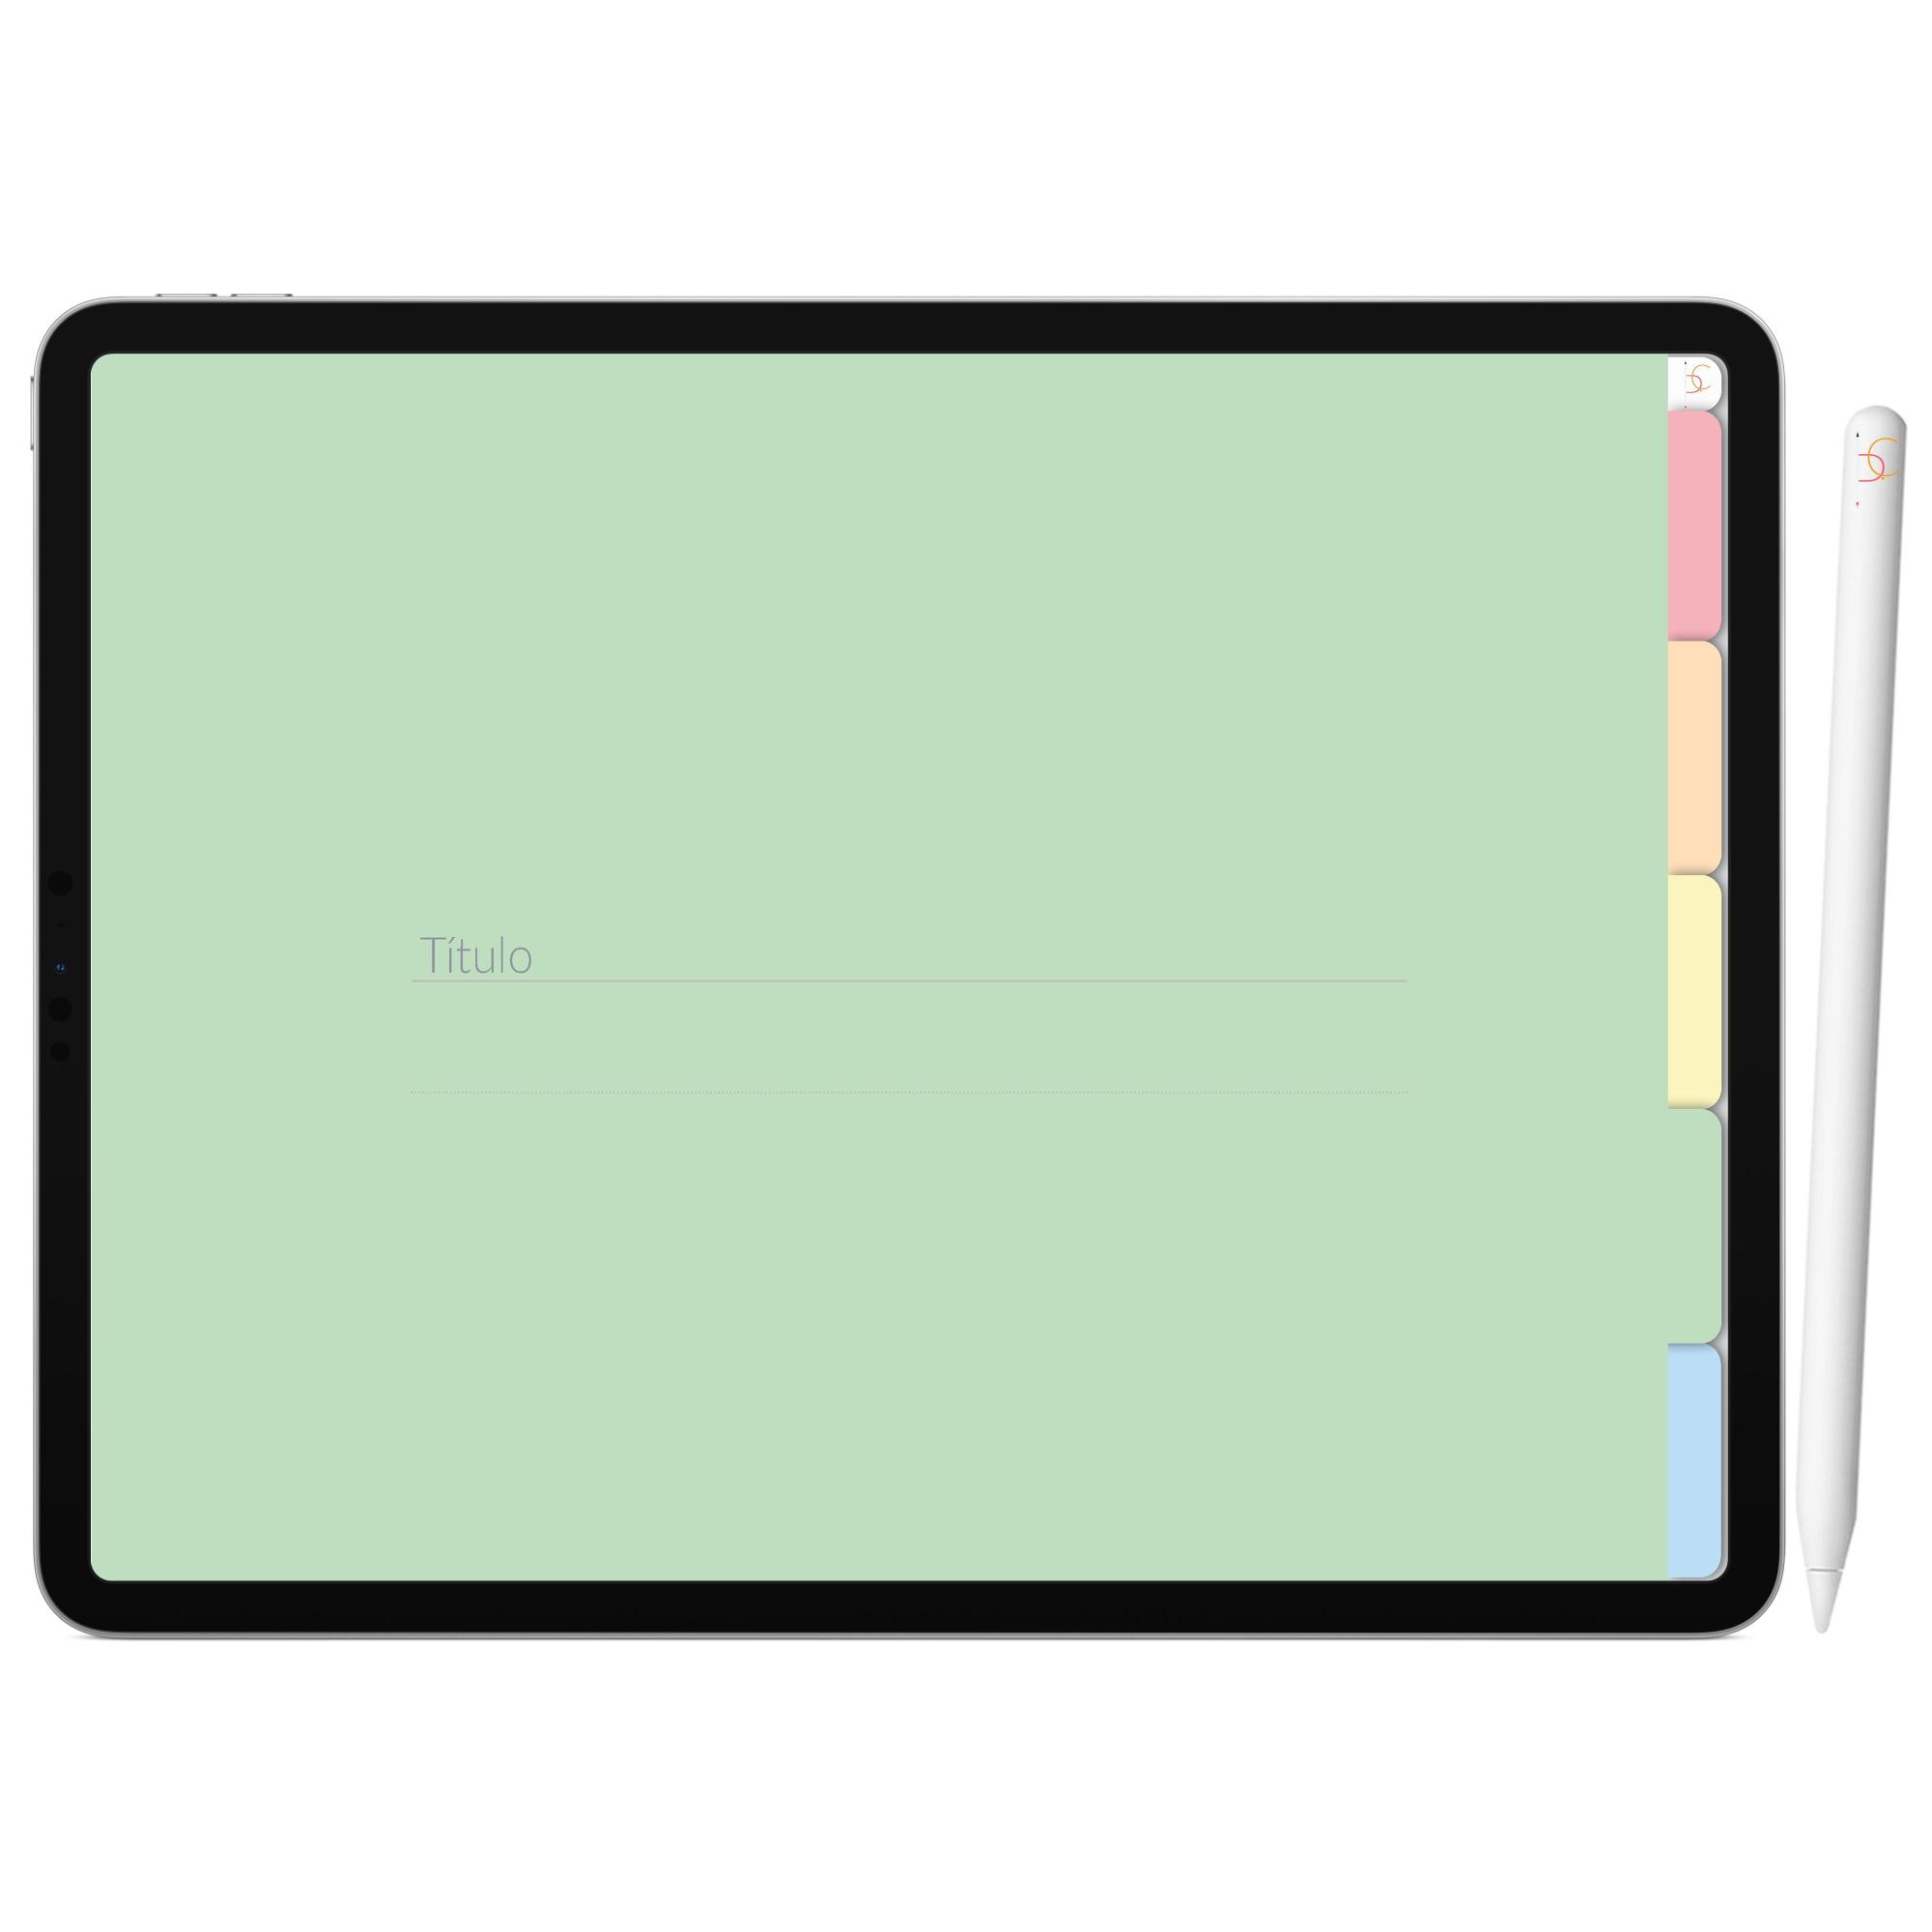 Mapa Mental Digital Laranja Arco-Íris | Cinco Matérias Interativo| iPad Tablet | Download Instantâneo